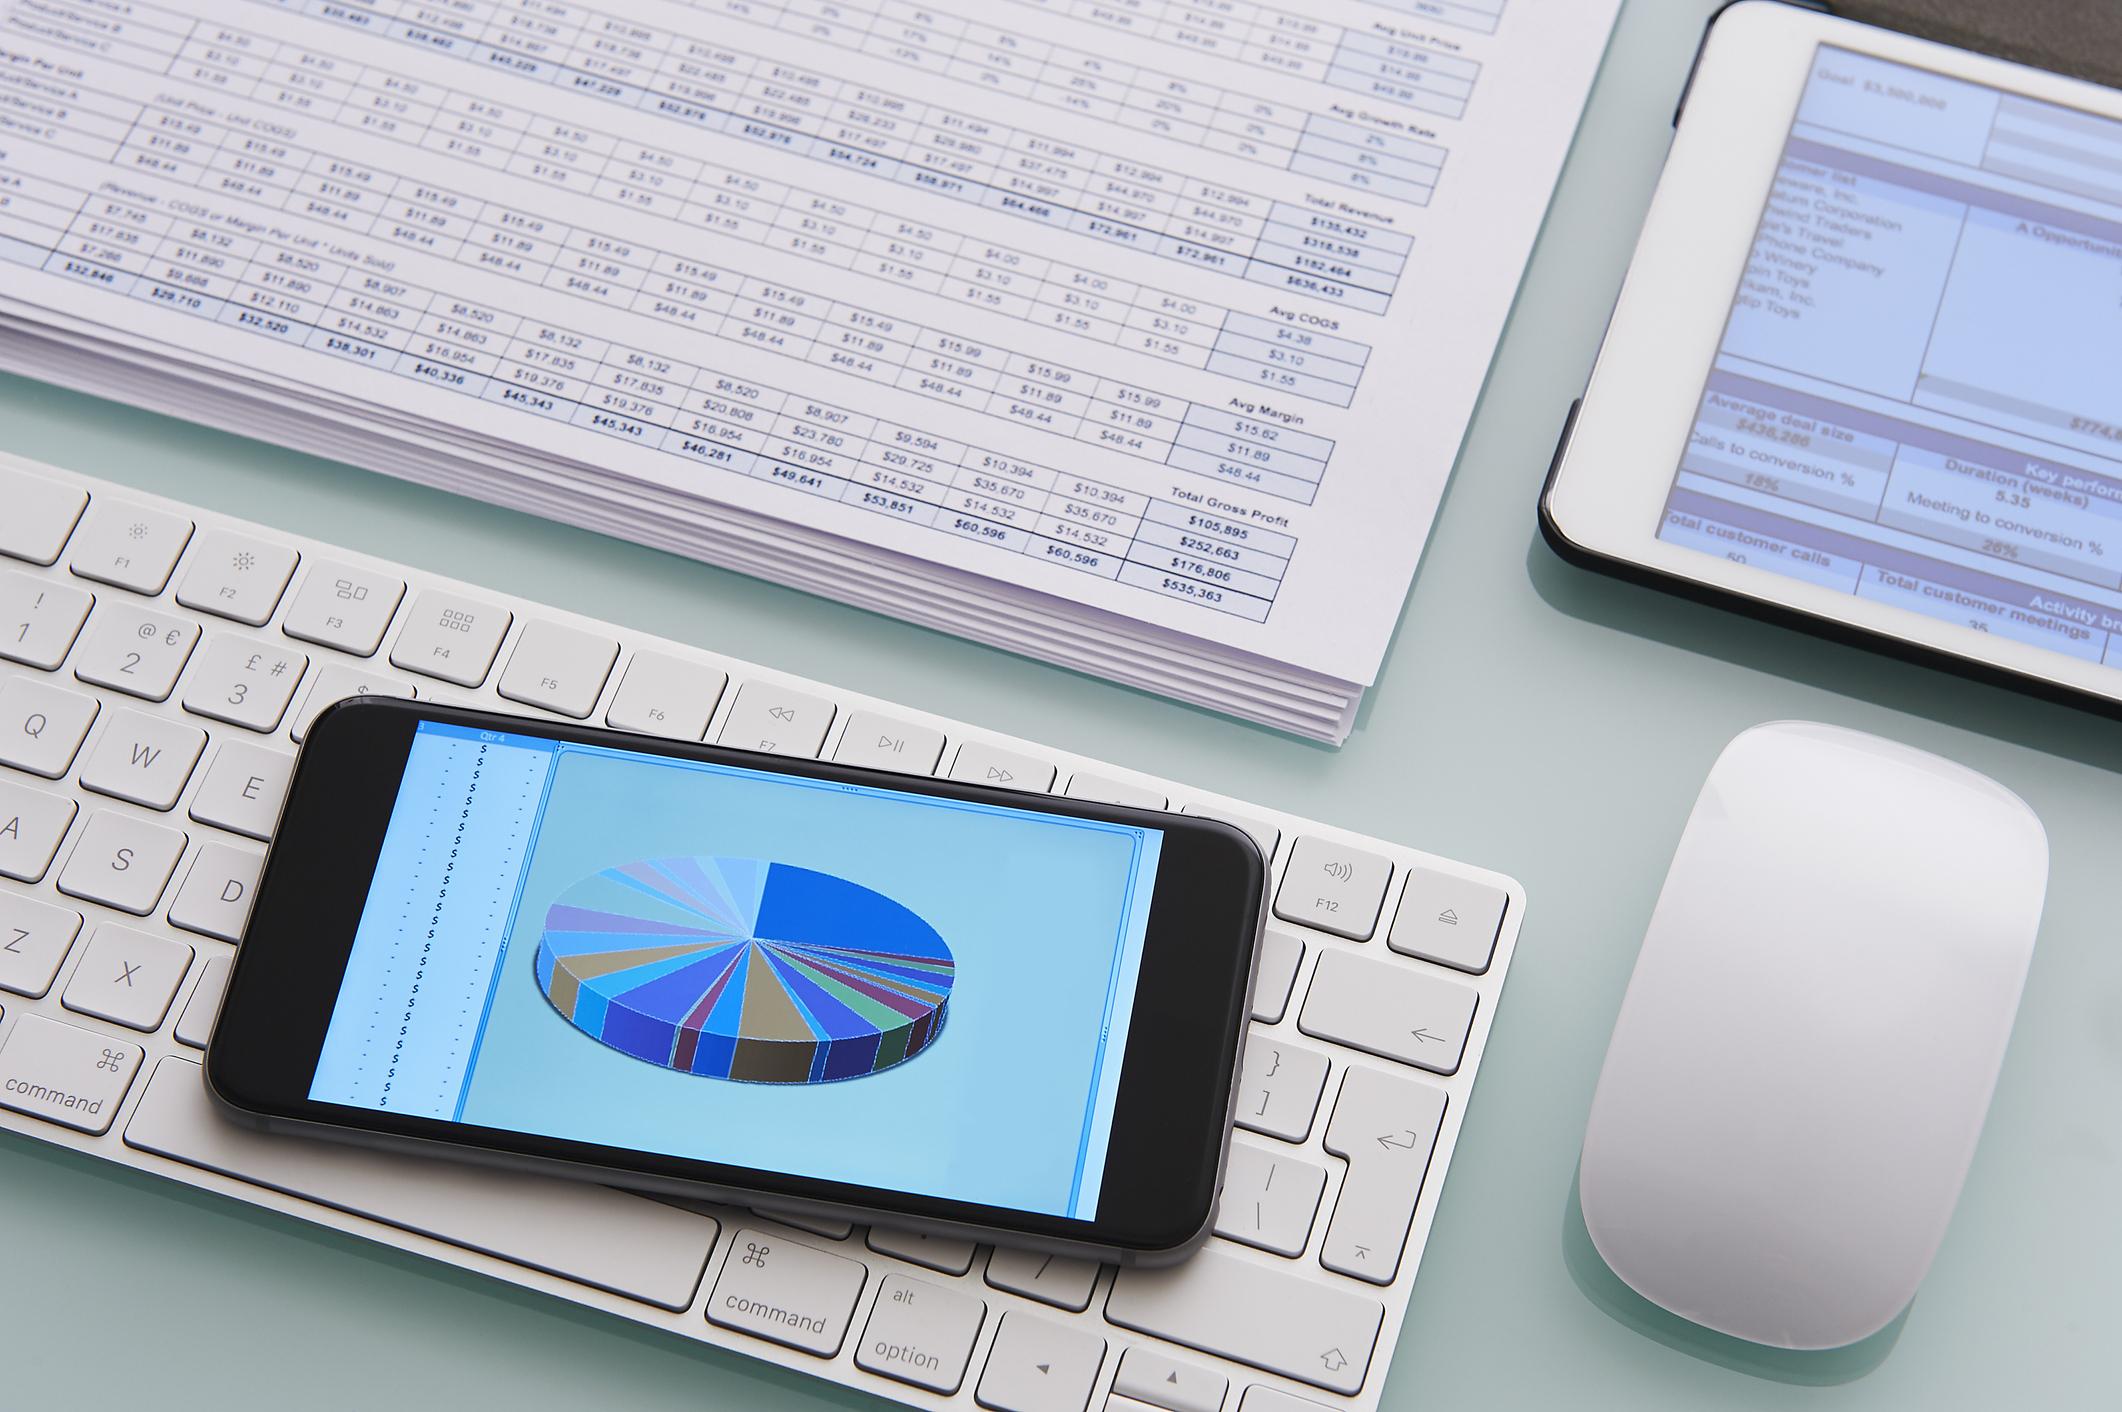 La gestion comptable et fiscale de la SASU, comment ça se passe - Annonces-legales.fr